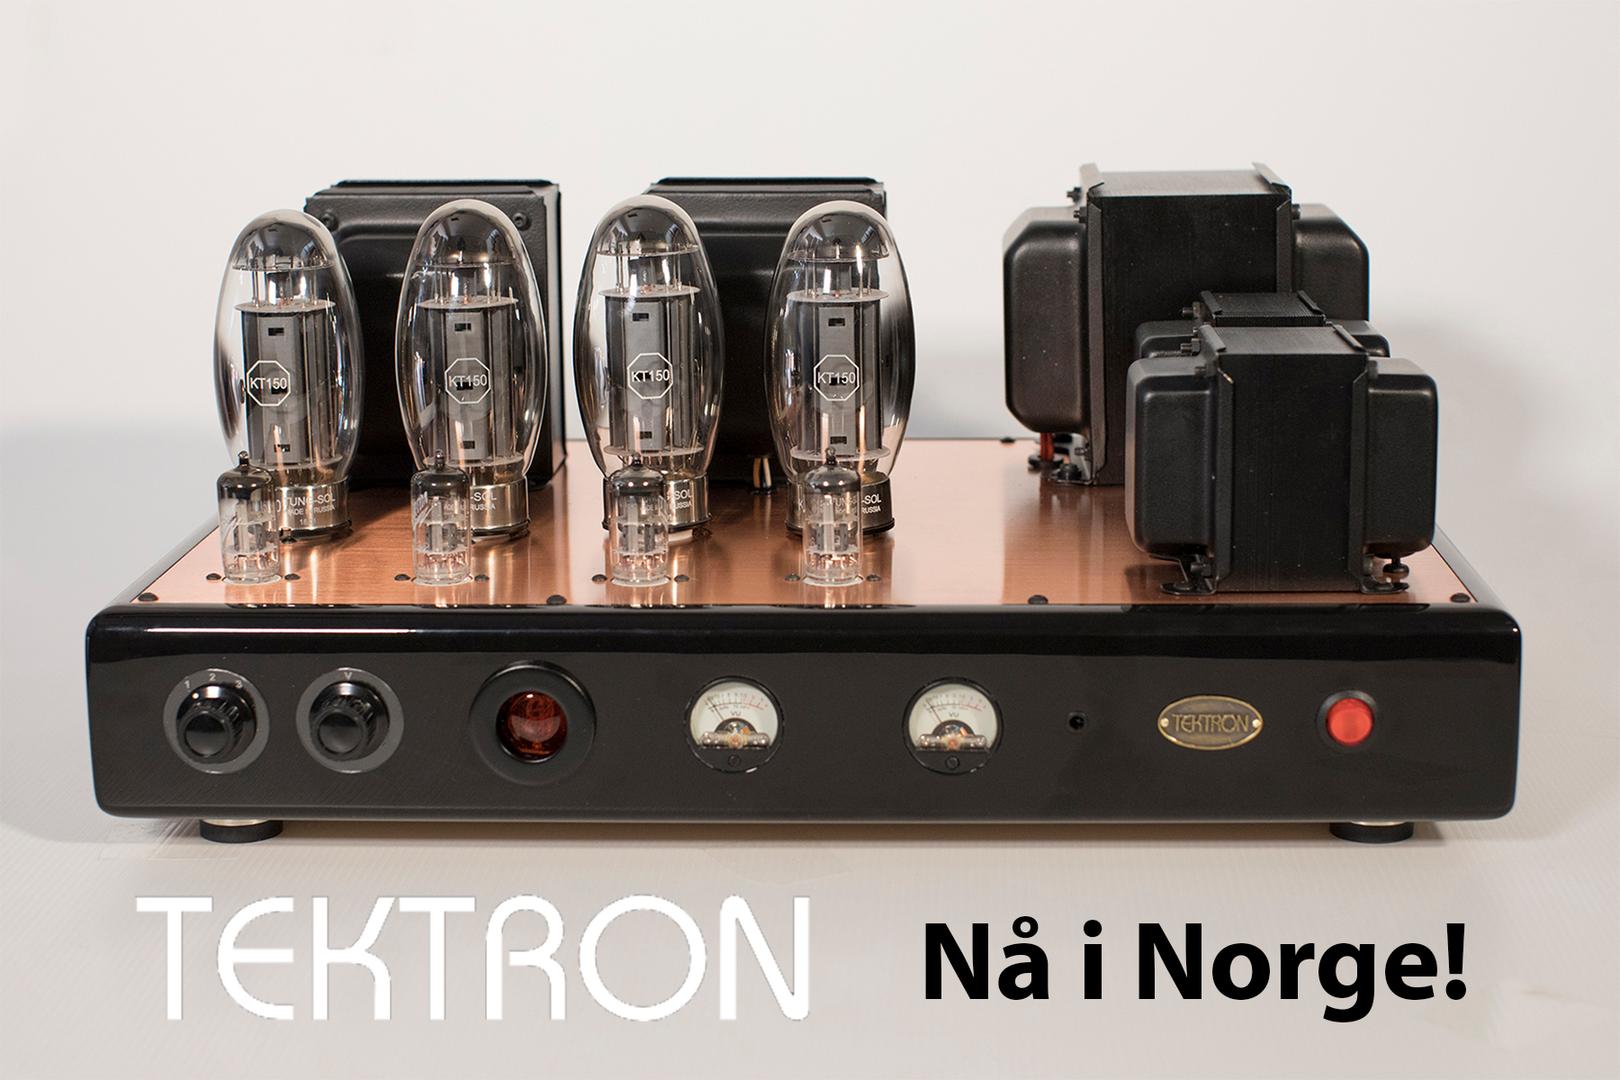 Tektron Norge.png